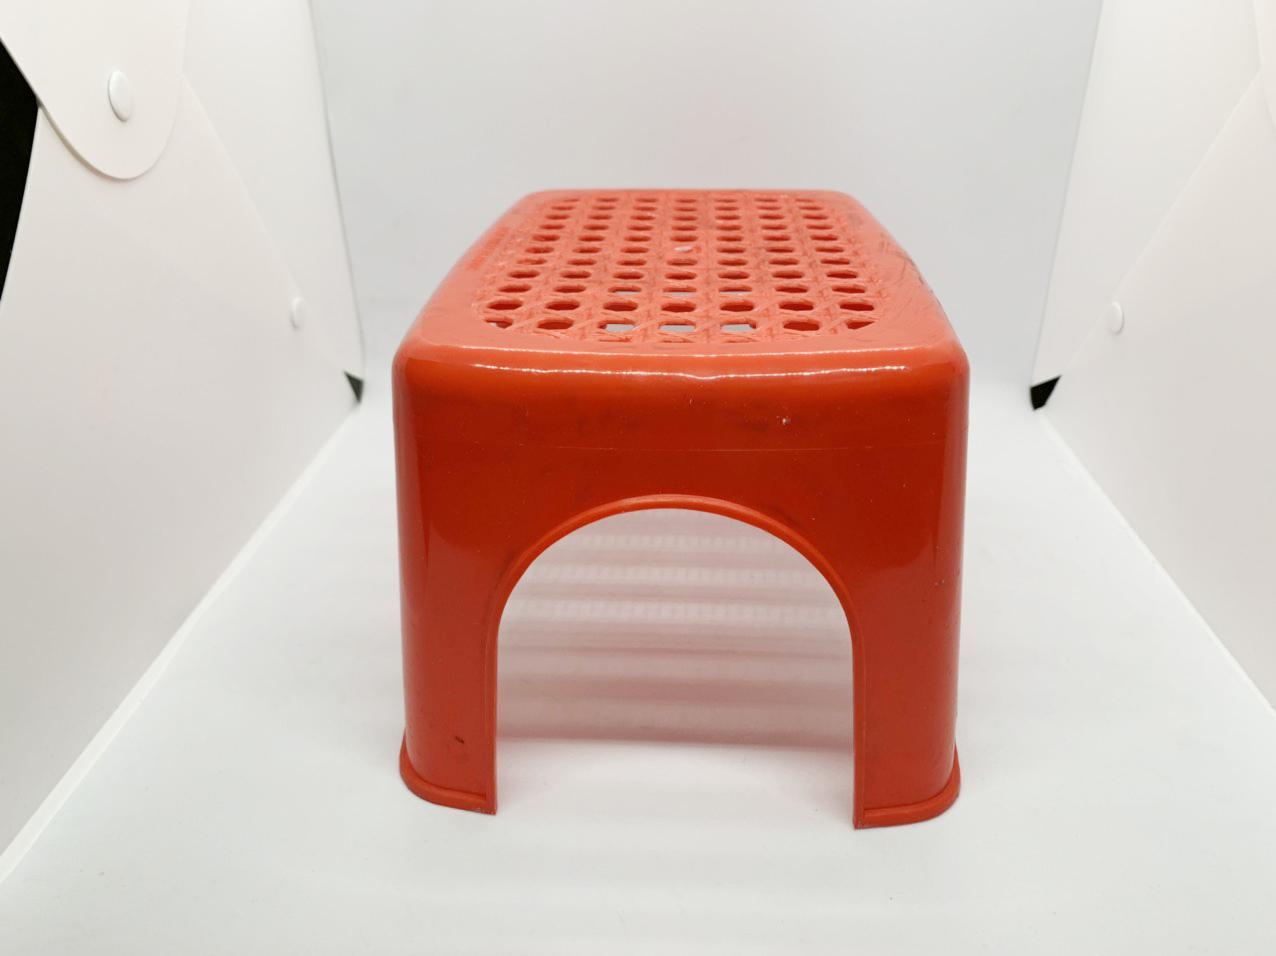 Ghế nhựa thấp chữ nhật cho bé tiện dụng